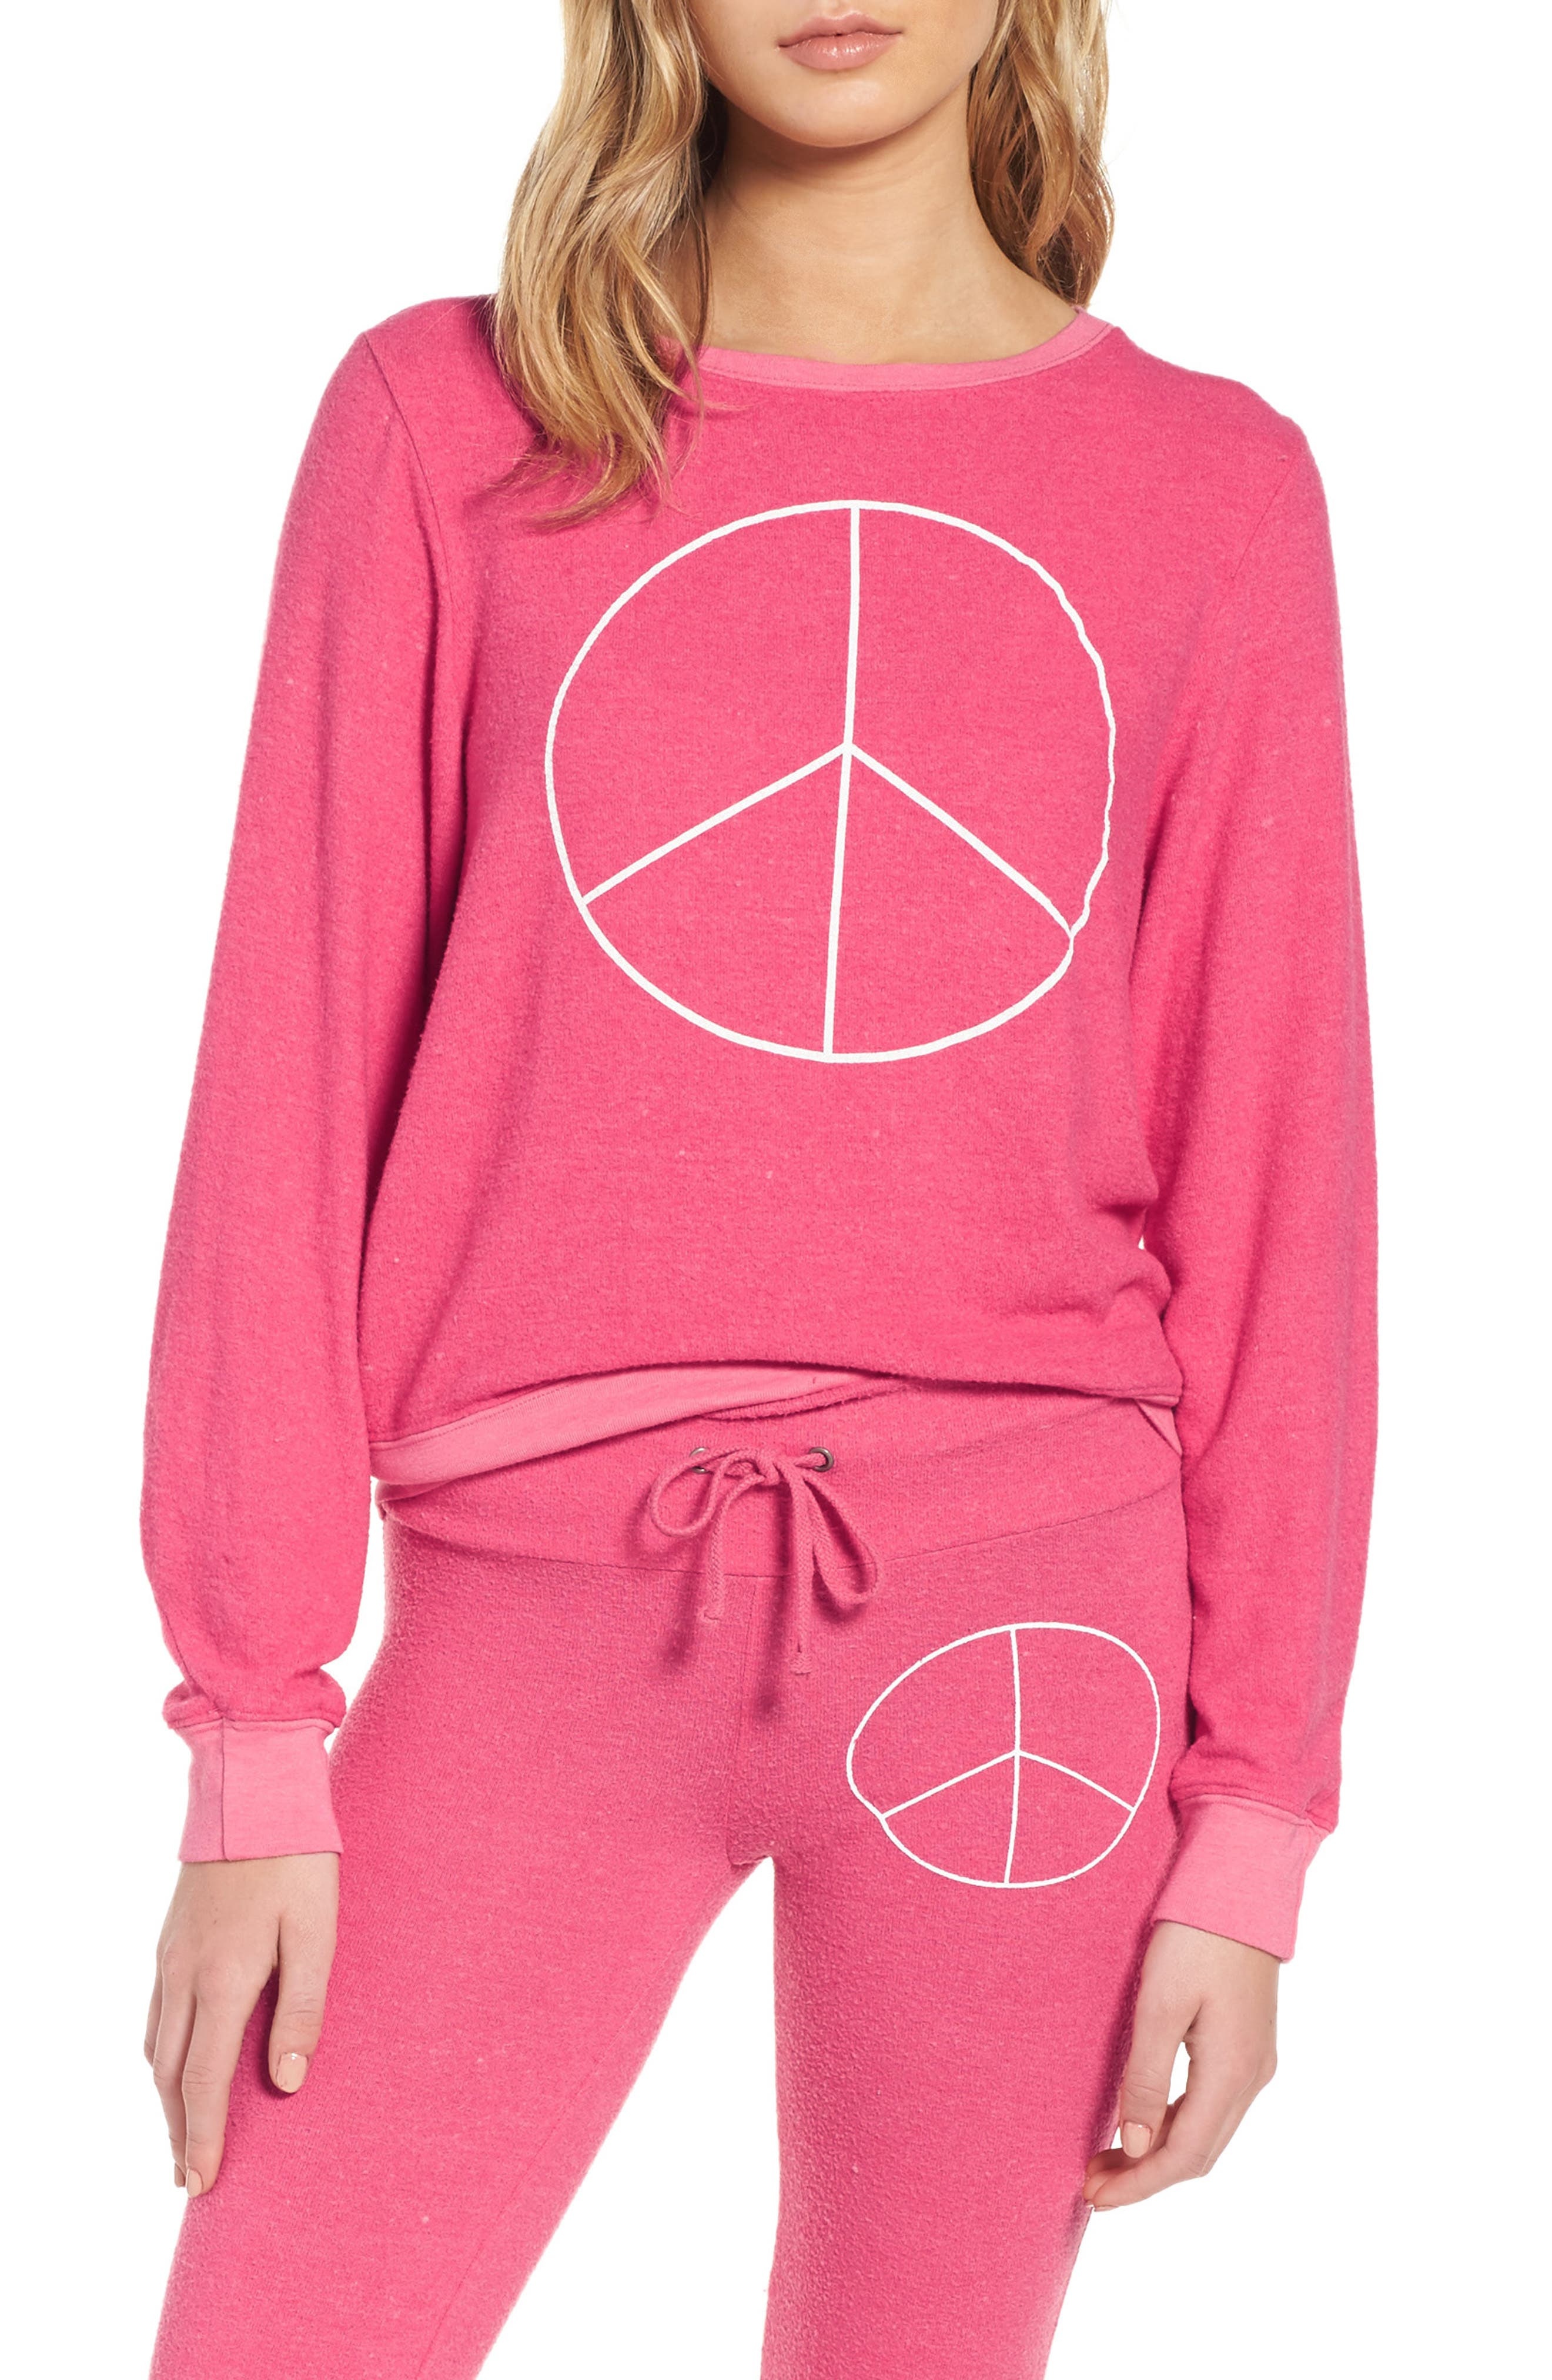 Peace Sweatshirt,                             Main thumbnail 1, color,                             670